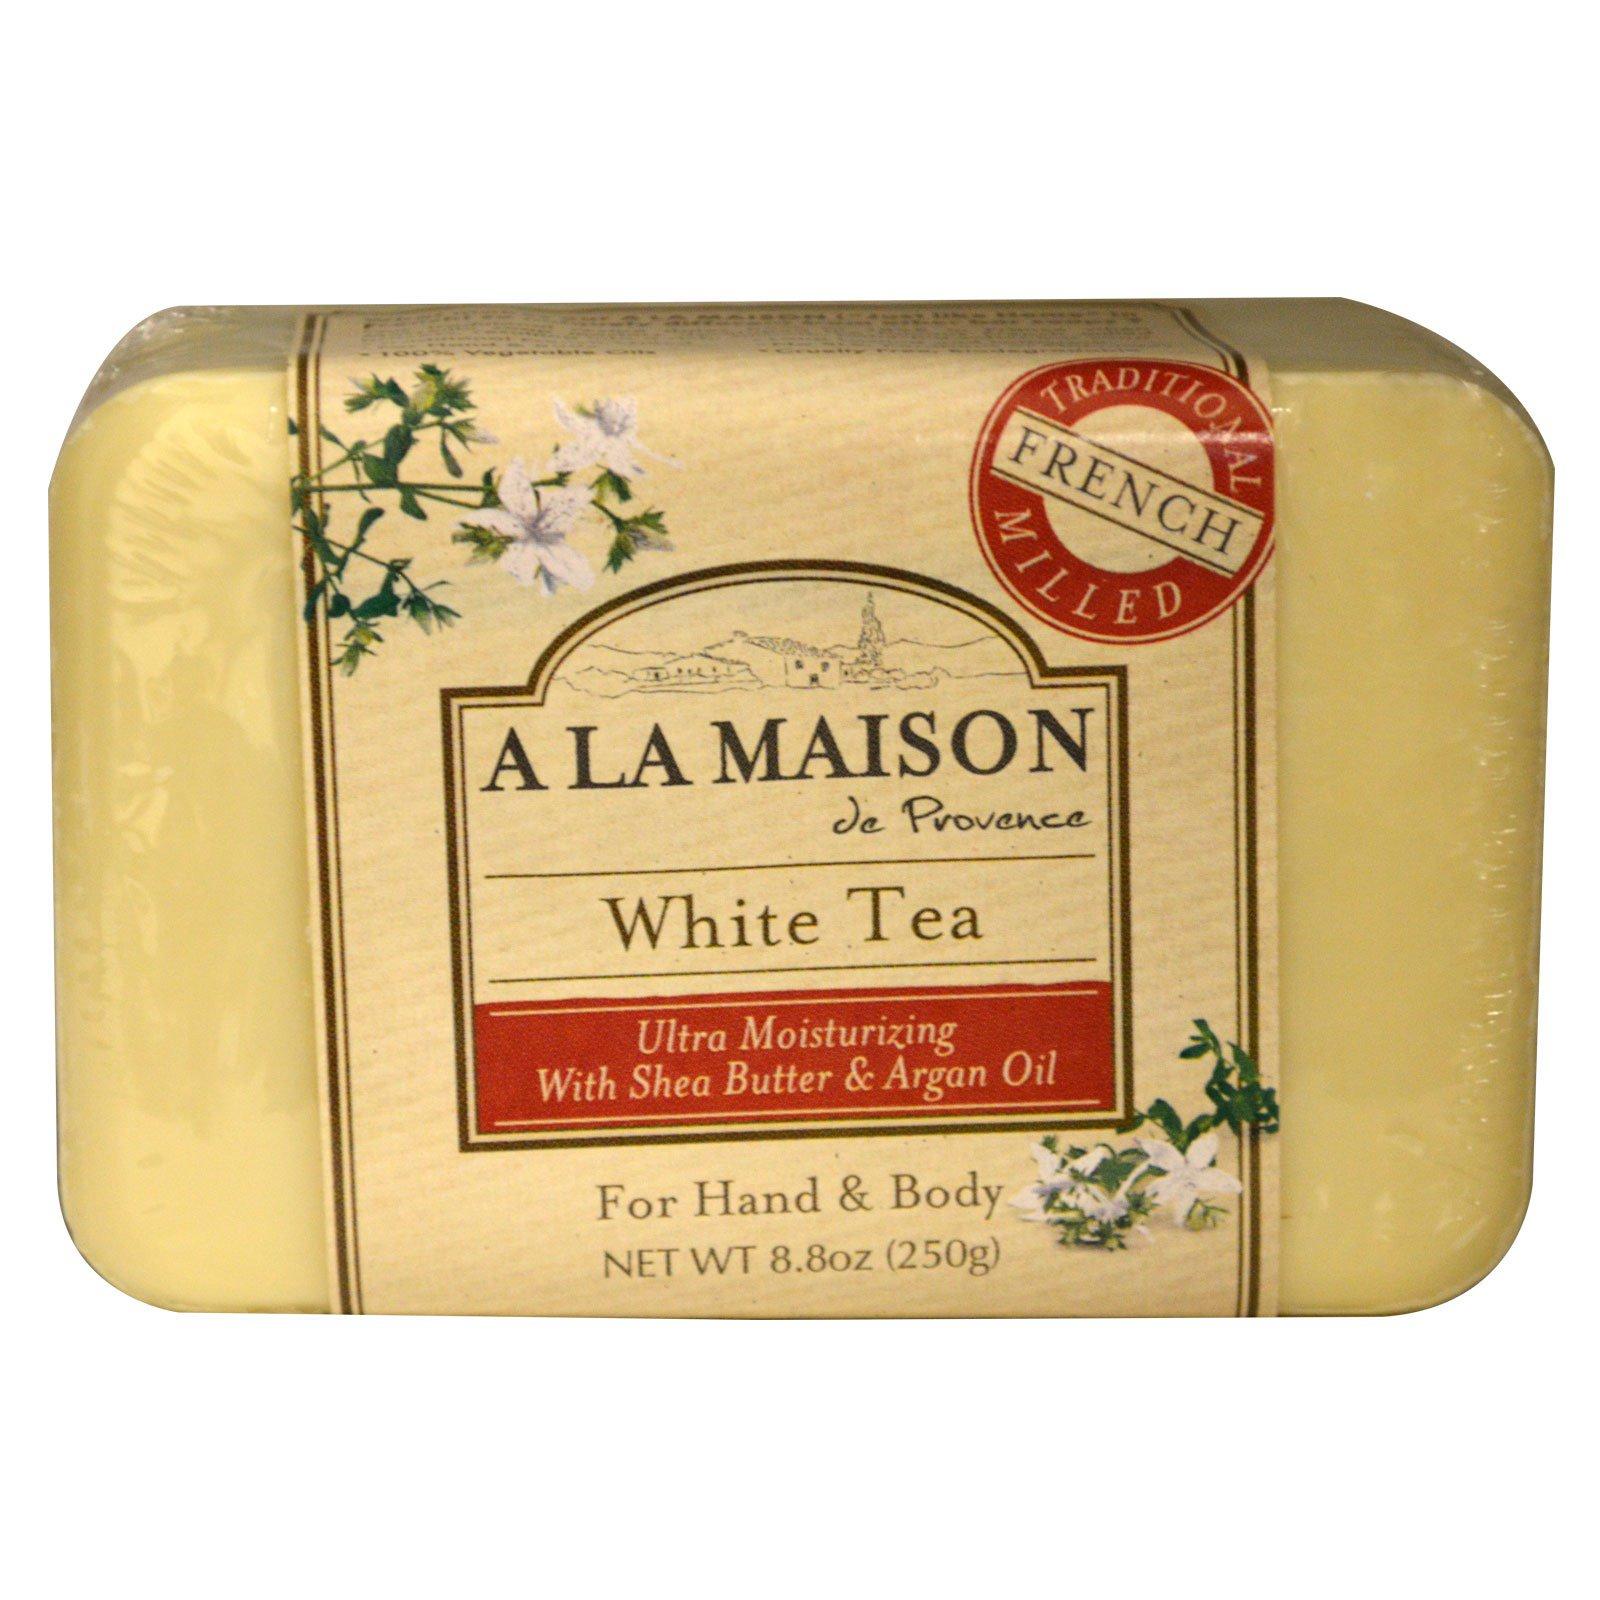 A La Maison de Provence, Мыло для рук и тела, белый чай, 250 г (8,8 унции)